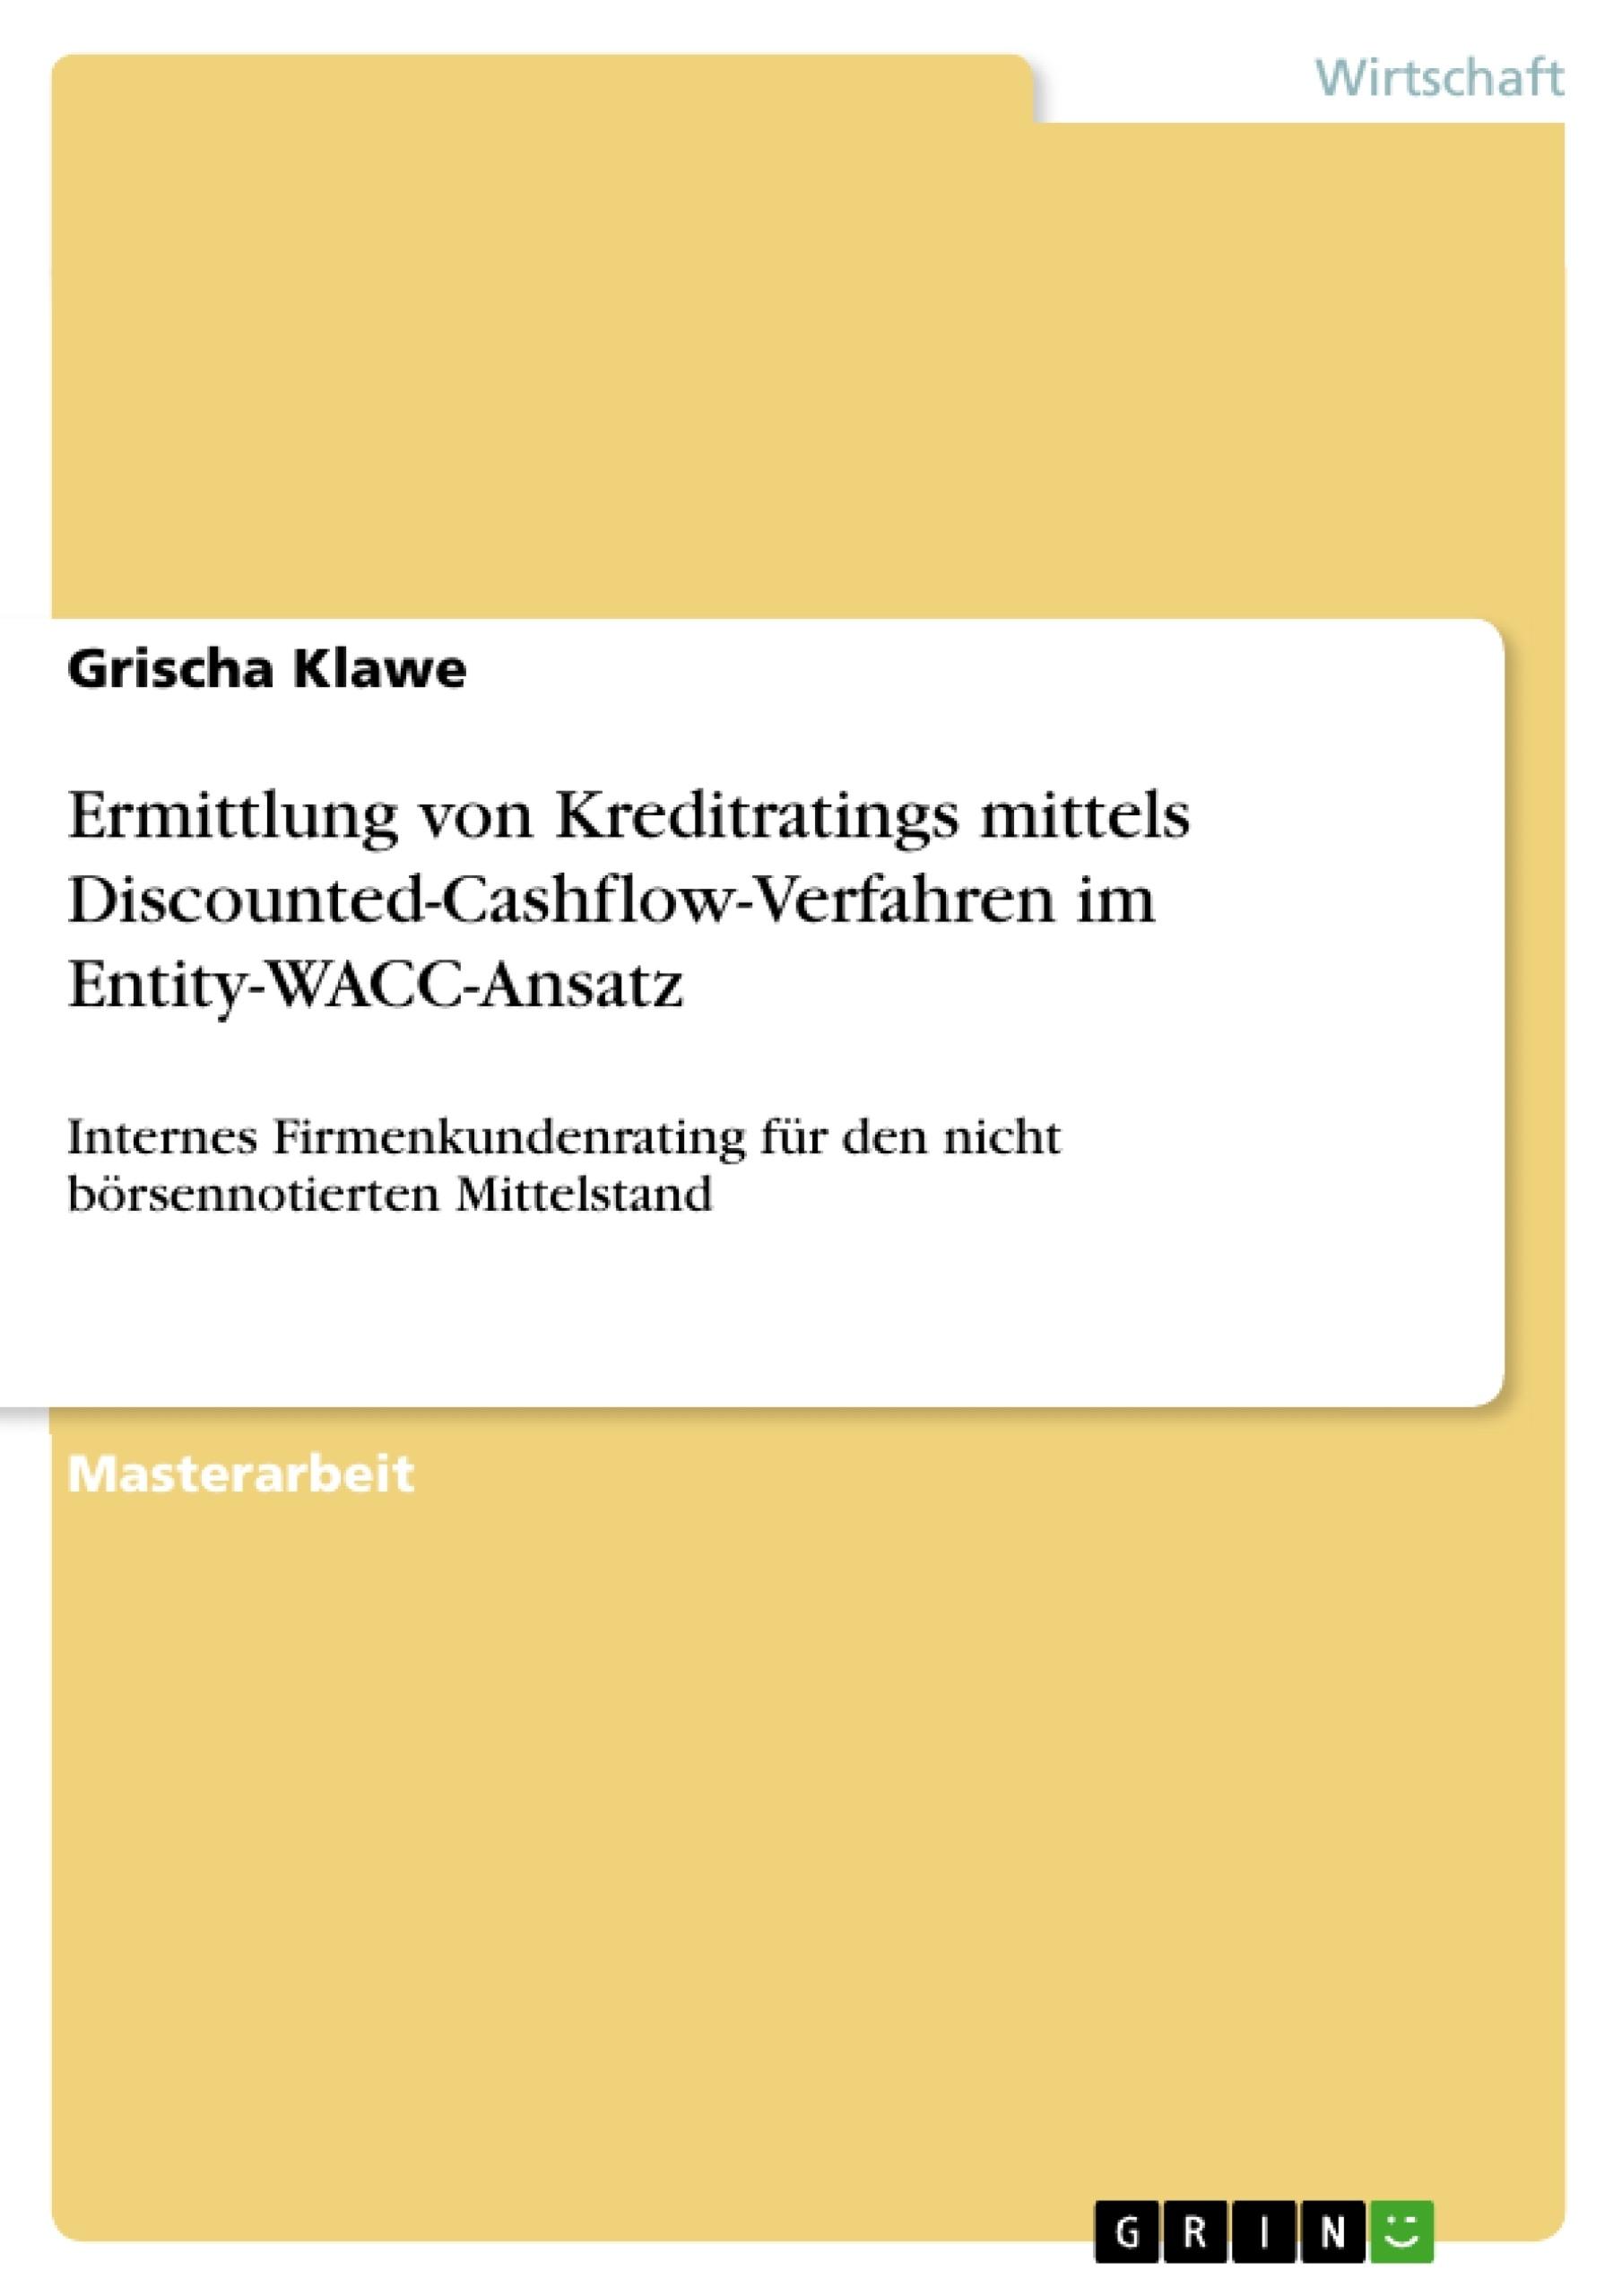 Titel: Ermittlung von Kreditratings mittels Discounted-Cashflow-Verfahren im Entity-WACC-Ansatz